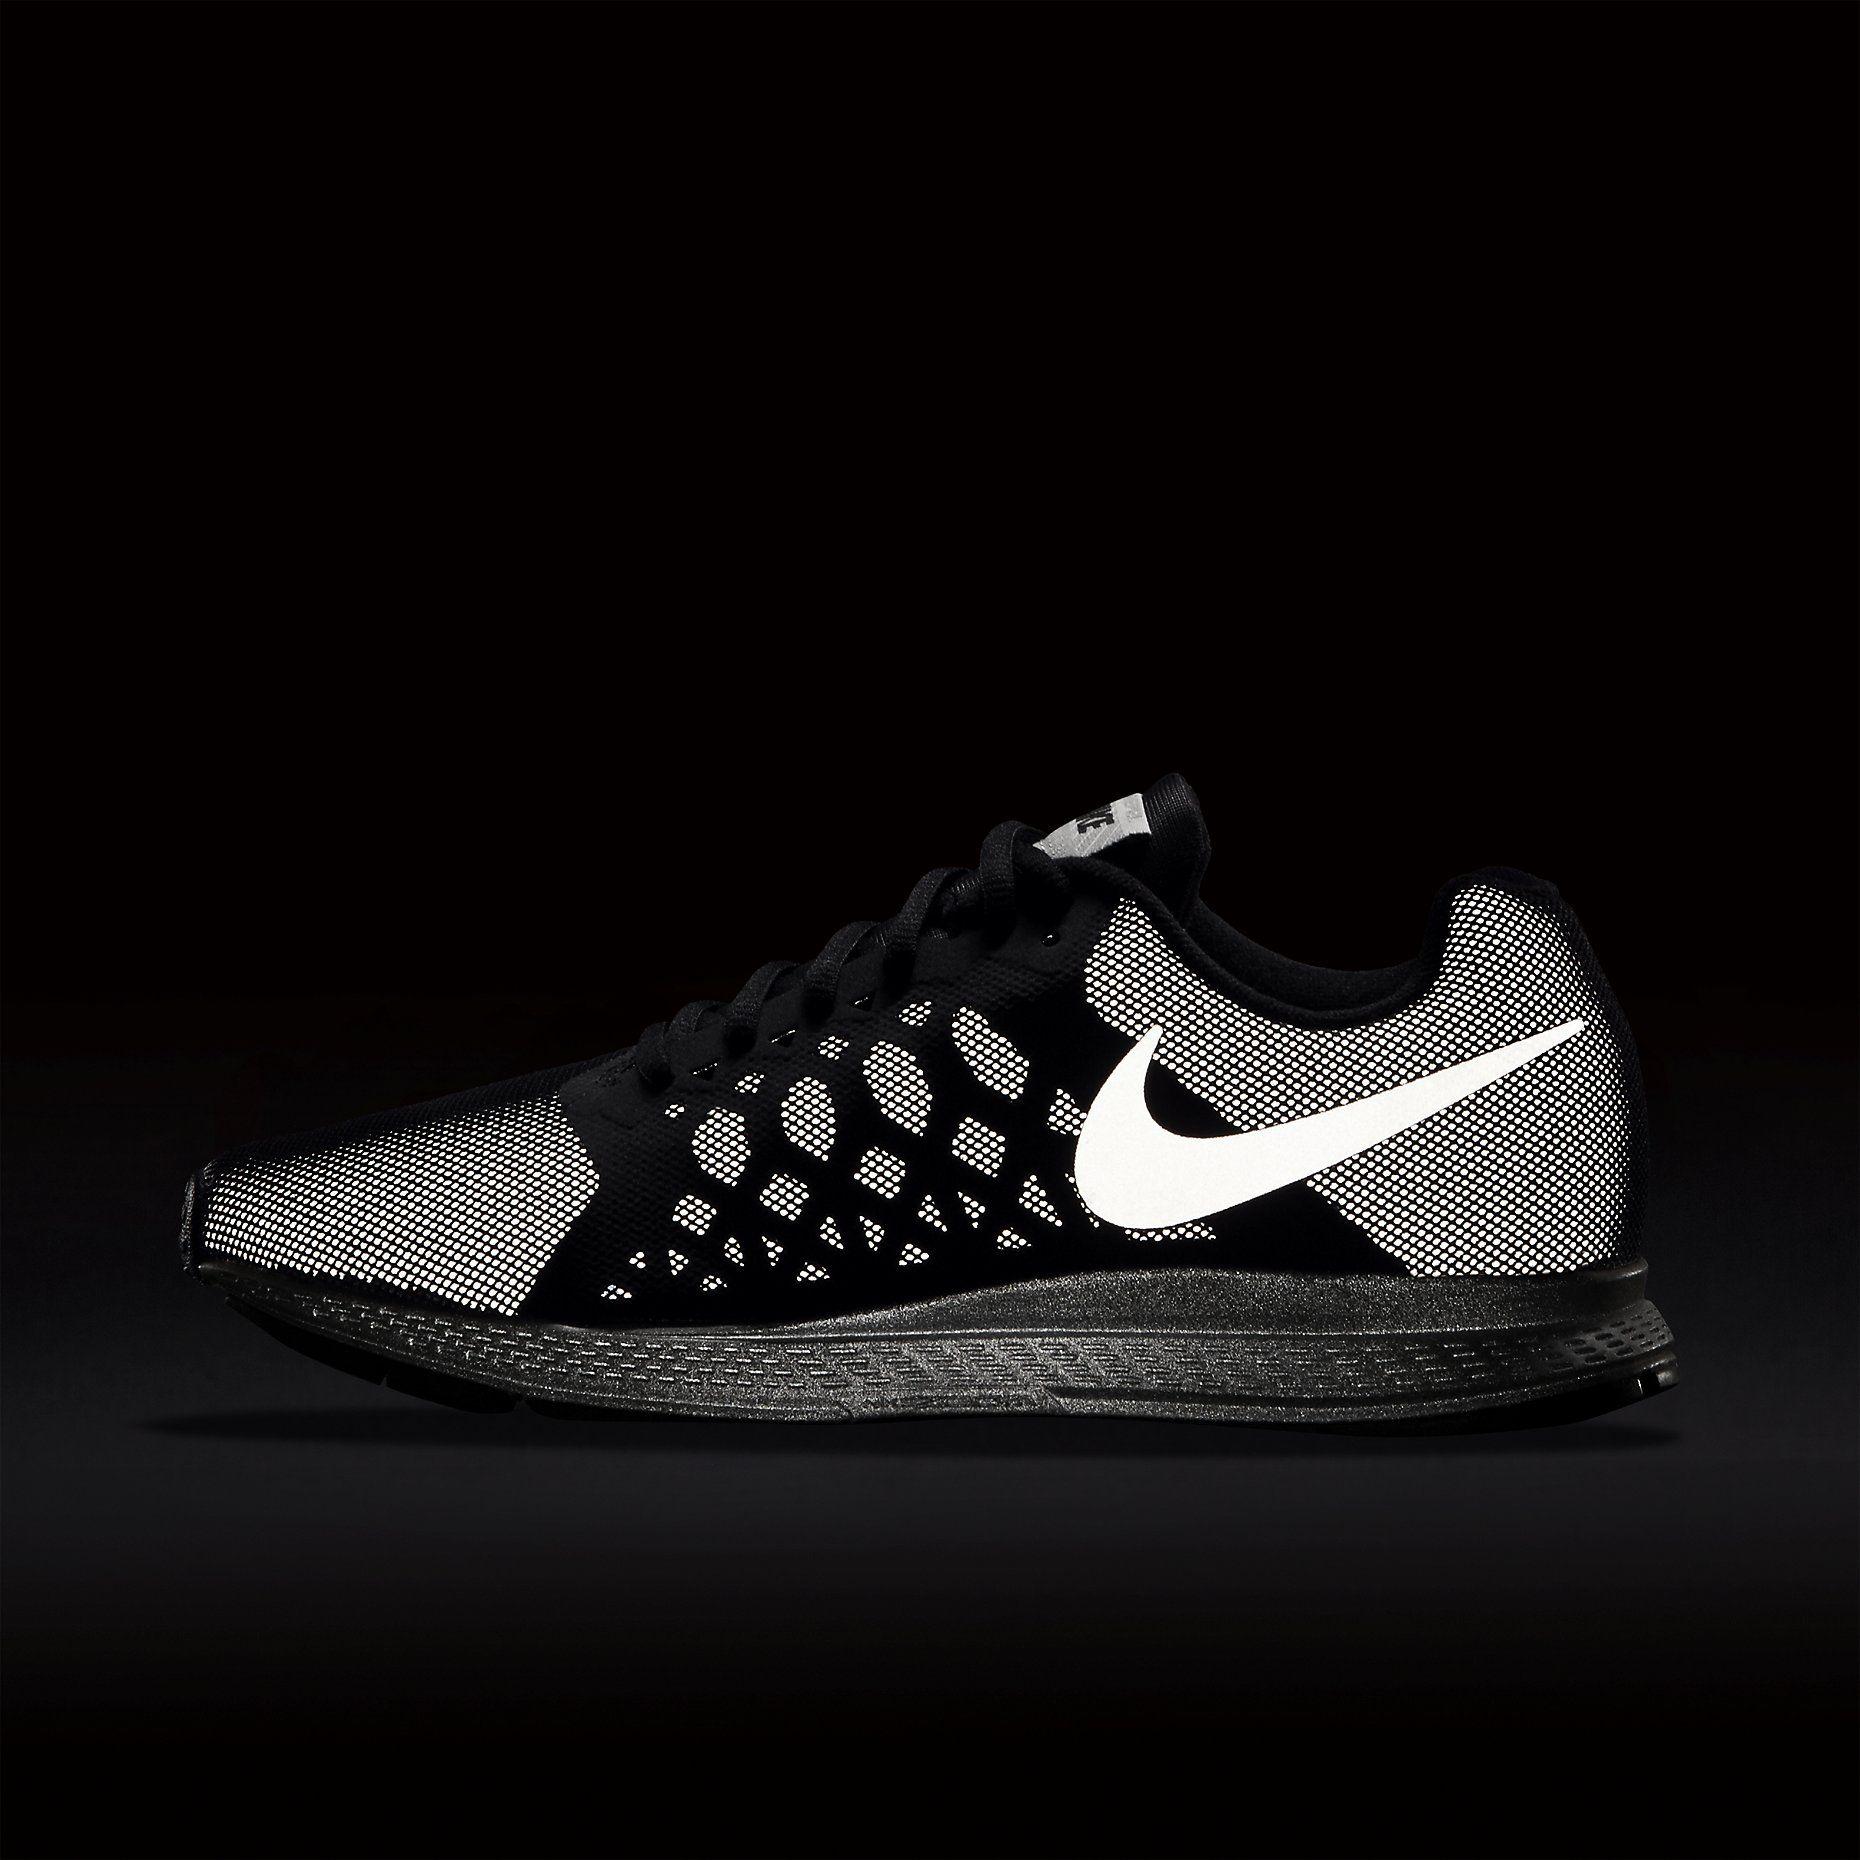 9992279ecc5 Nike Air Zoom Pegasus 31 Flash